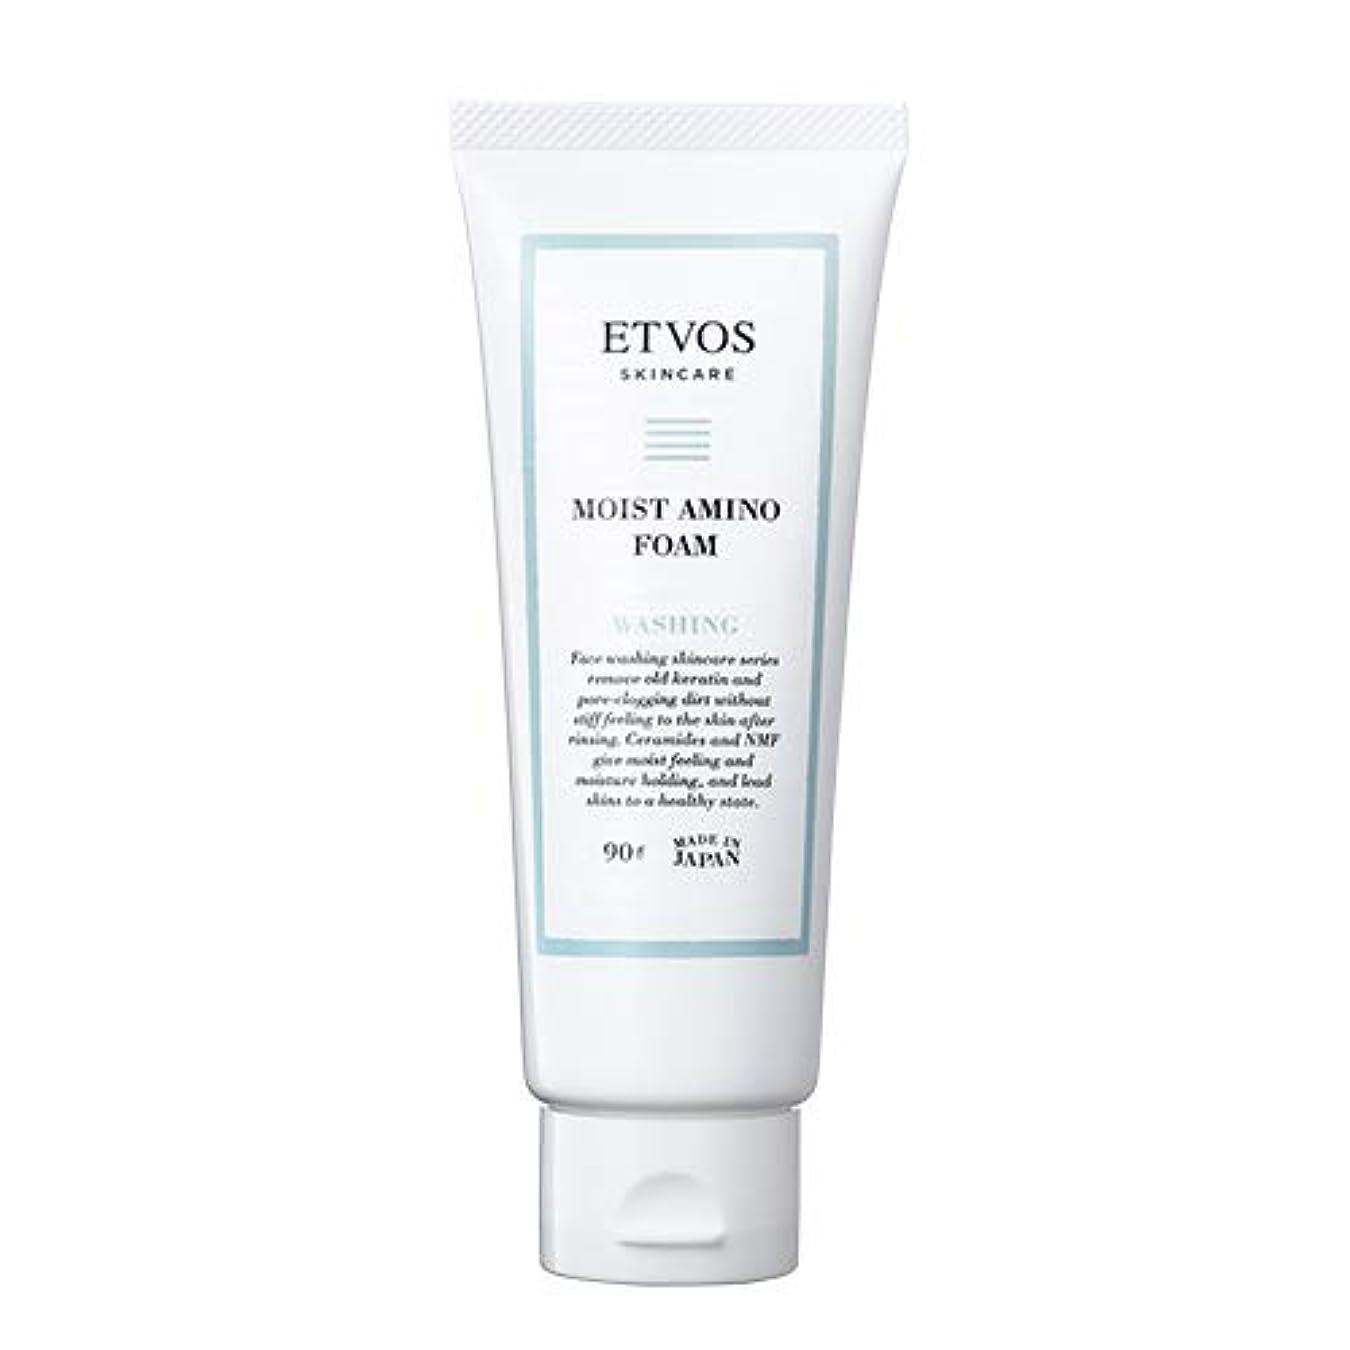 マークされた読みやすいがっかりするETVOS(エトヴォス) 洗顔フォーム モイストアミノフォーム 90g ヒト型セラミド アミノ酸系 乾燥肌/敏感肌